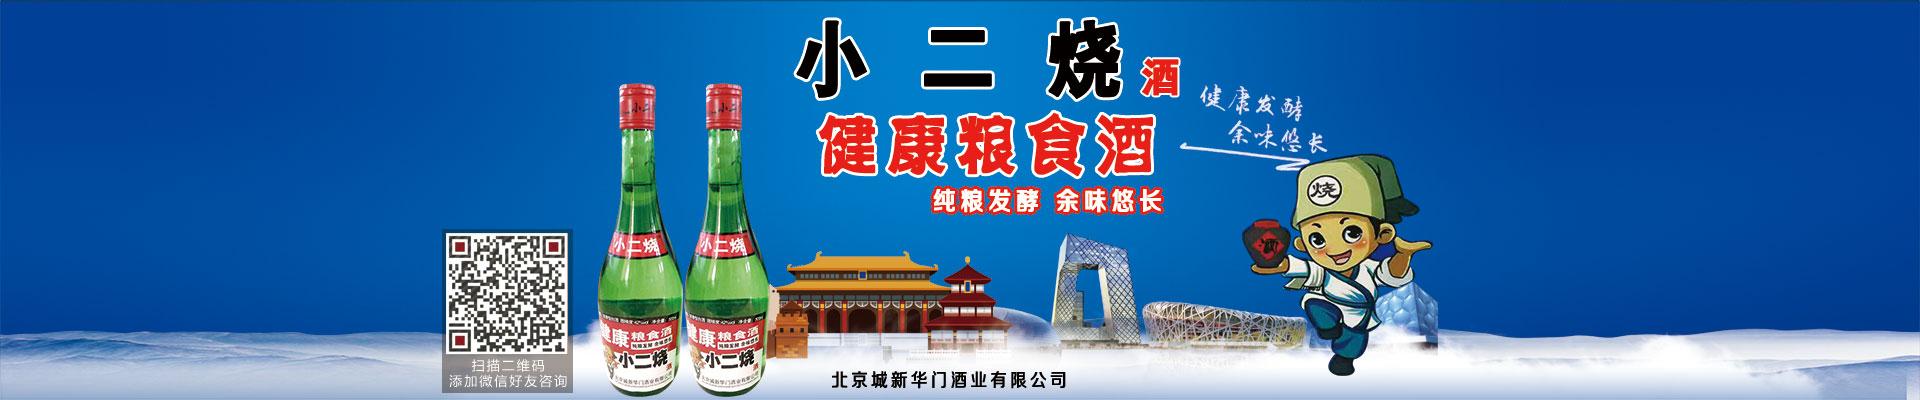 北京城新华门酒业有限公司